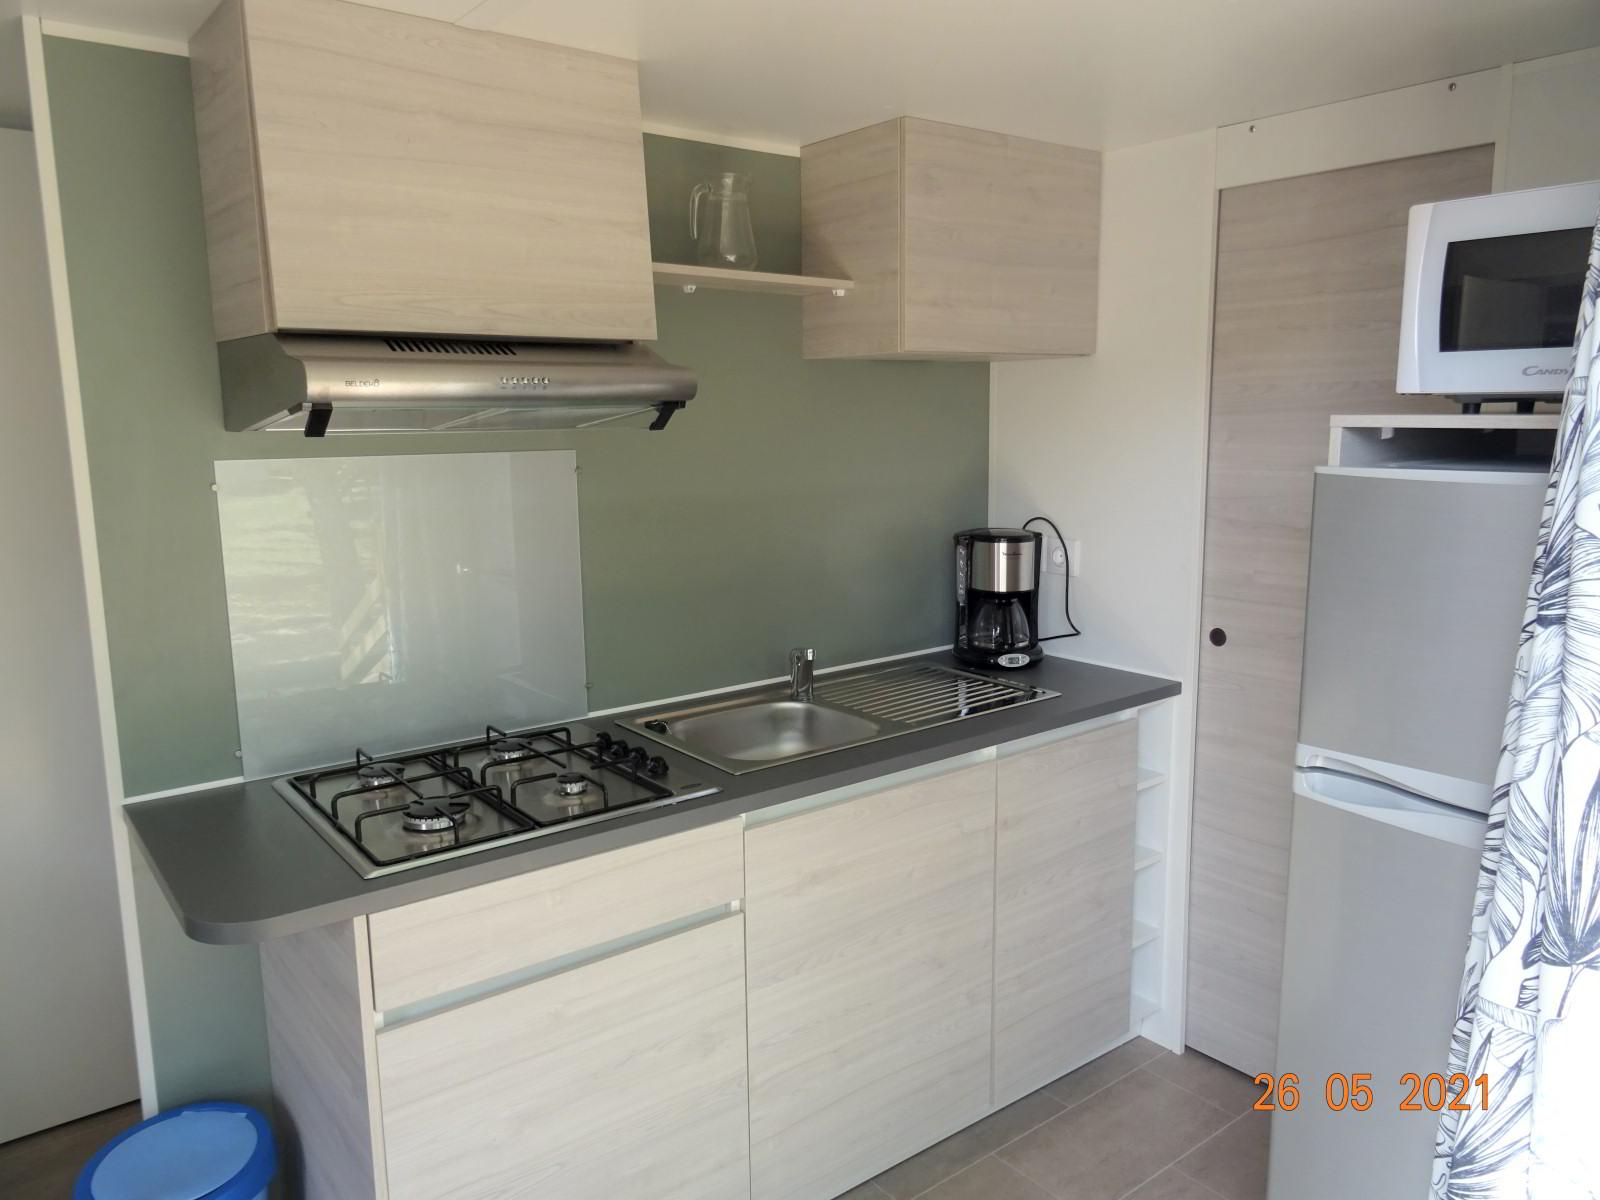 Küche, neues Mobilheim mit 2 Schlafzimmern